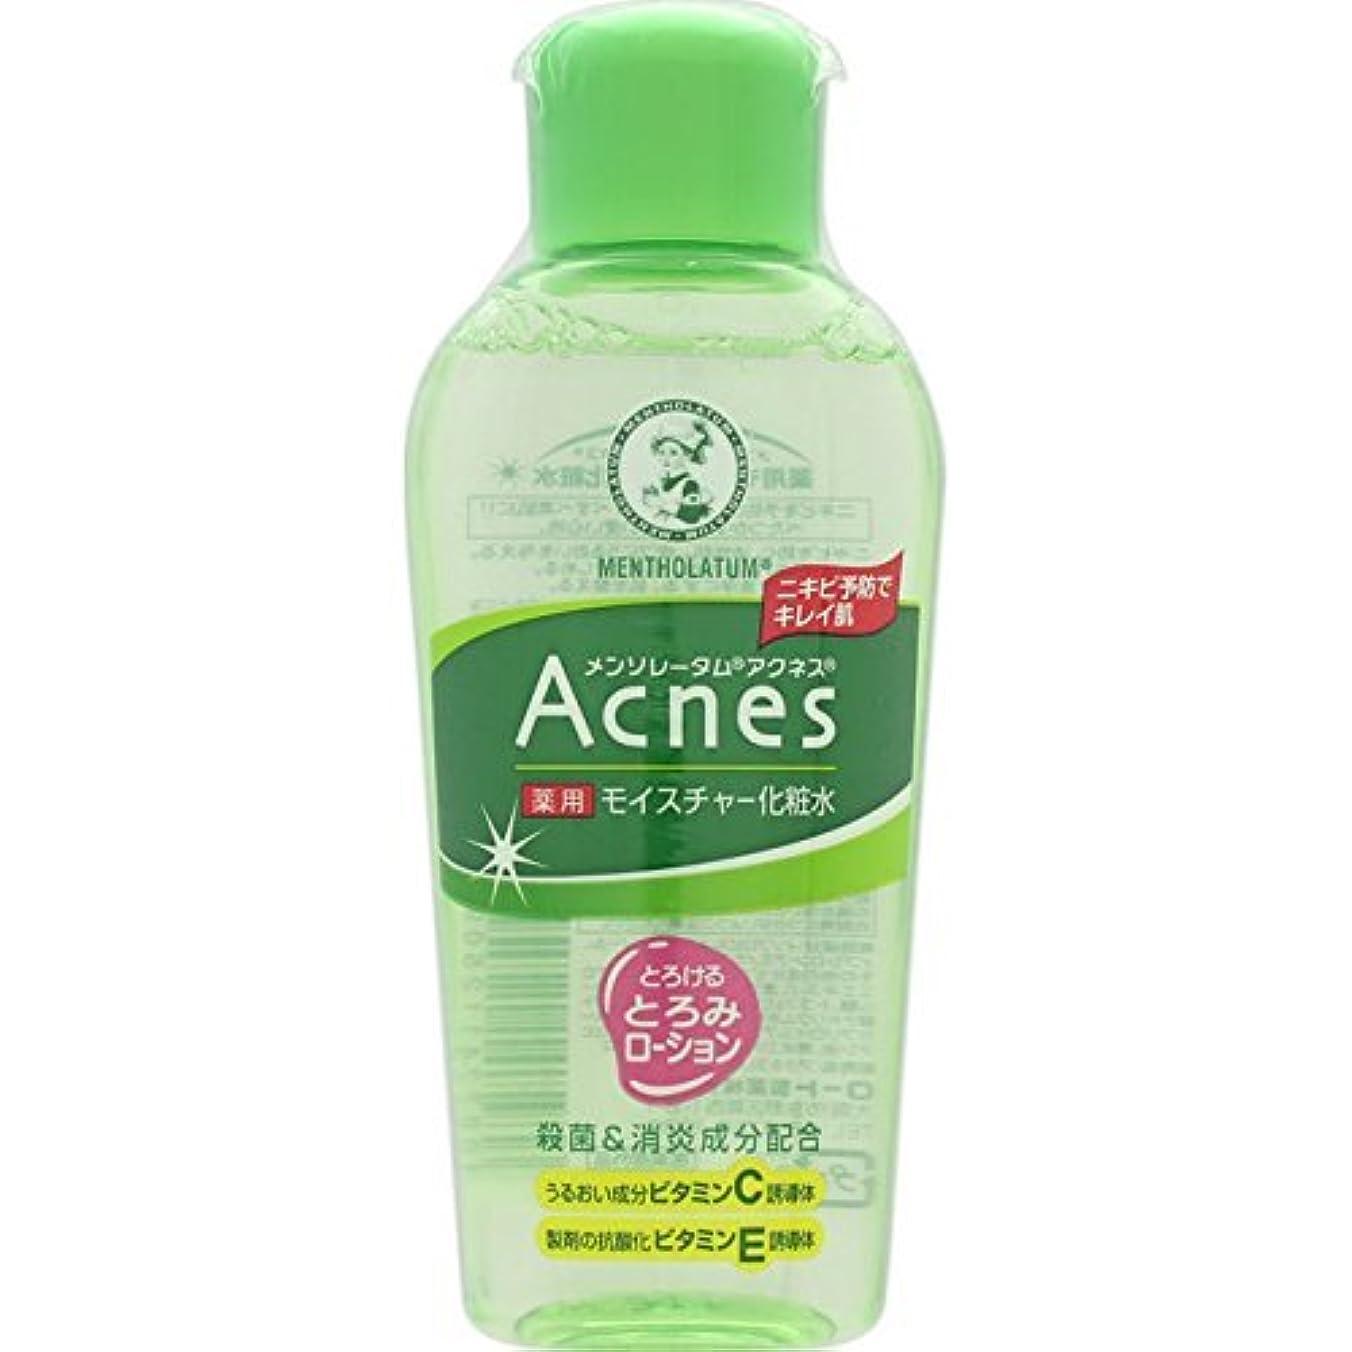 通信する医薬品歯科医Acnes(アクネス) 薬用モイスチャー化粧水 120mL【医薬部外品】